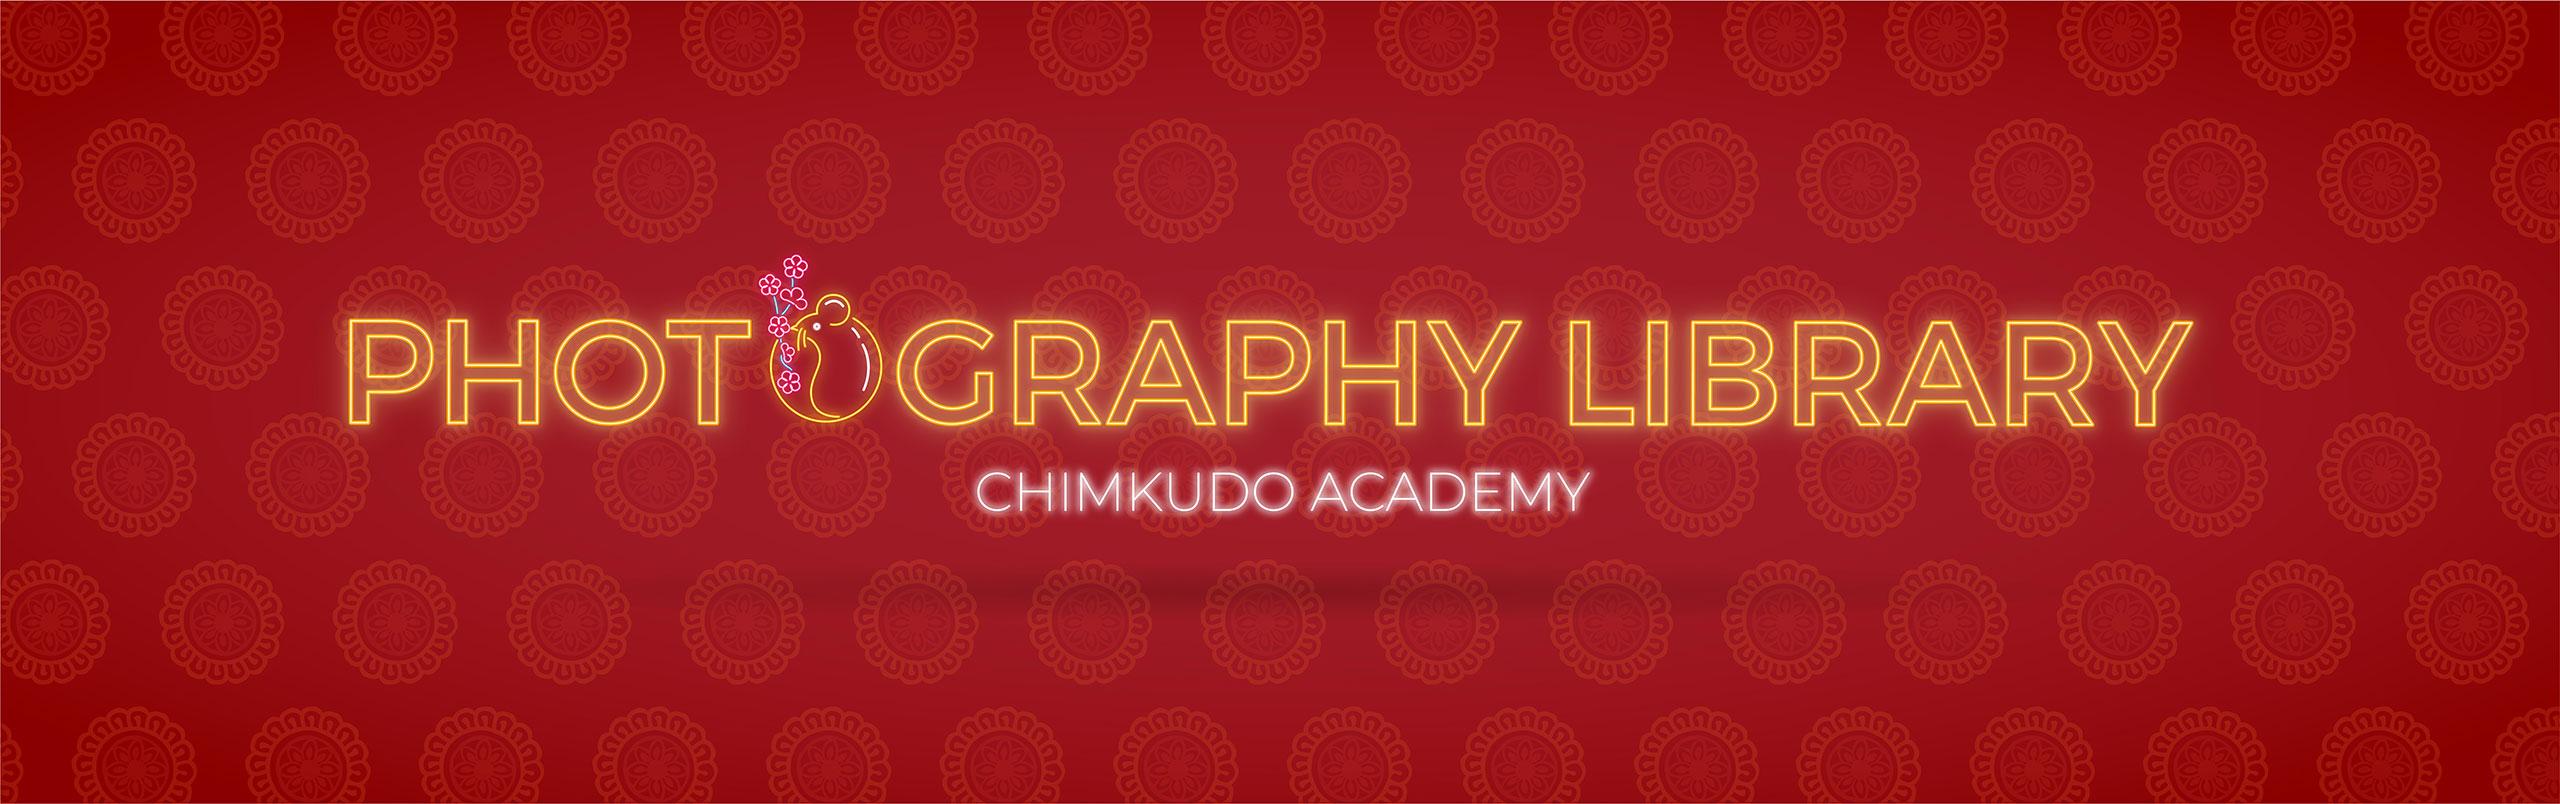 Học chụp ảnh – Chụp ảnh sản phẩm – Chụp ảnh doanh nghiệp – ChimkudoPro